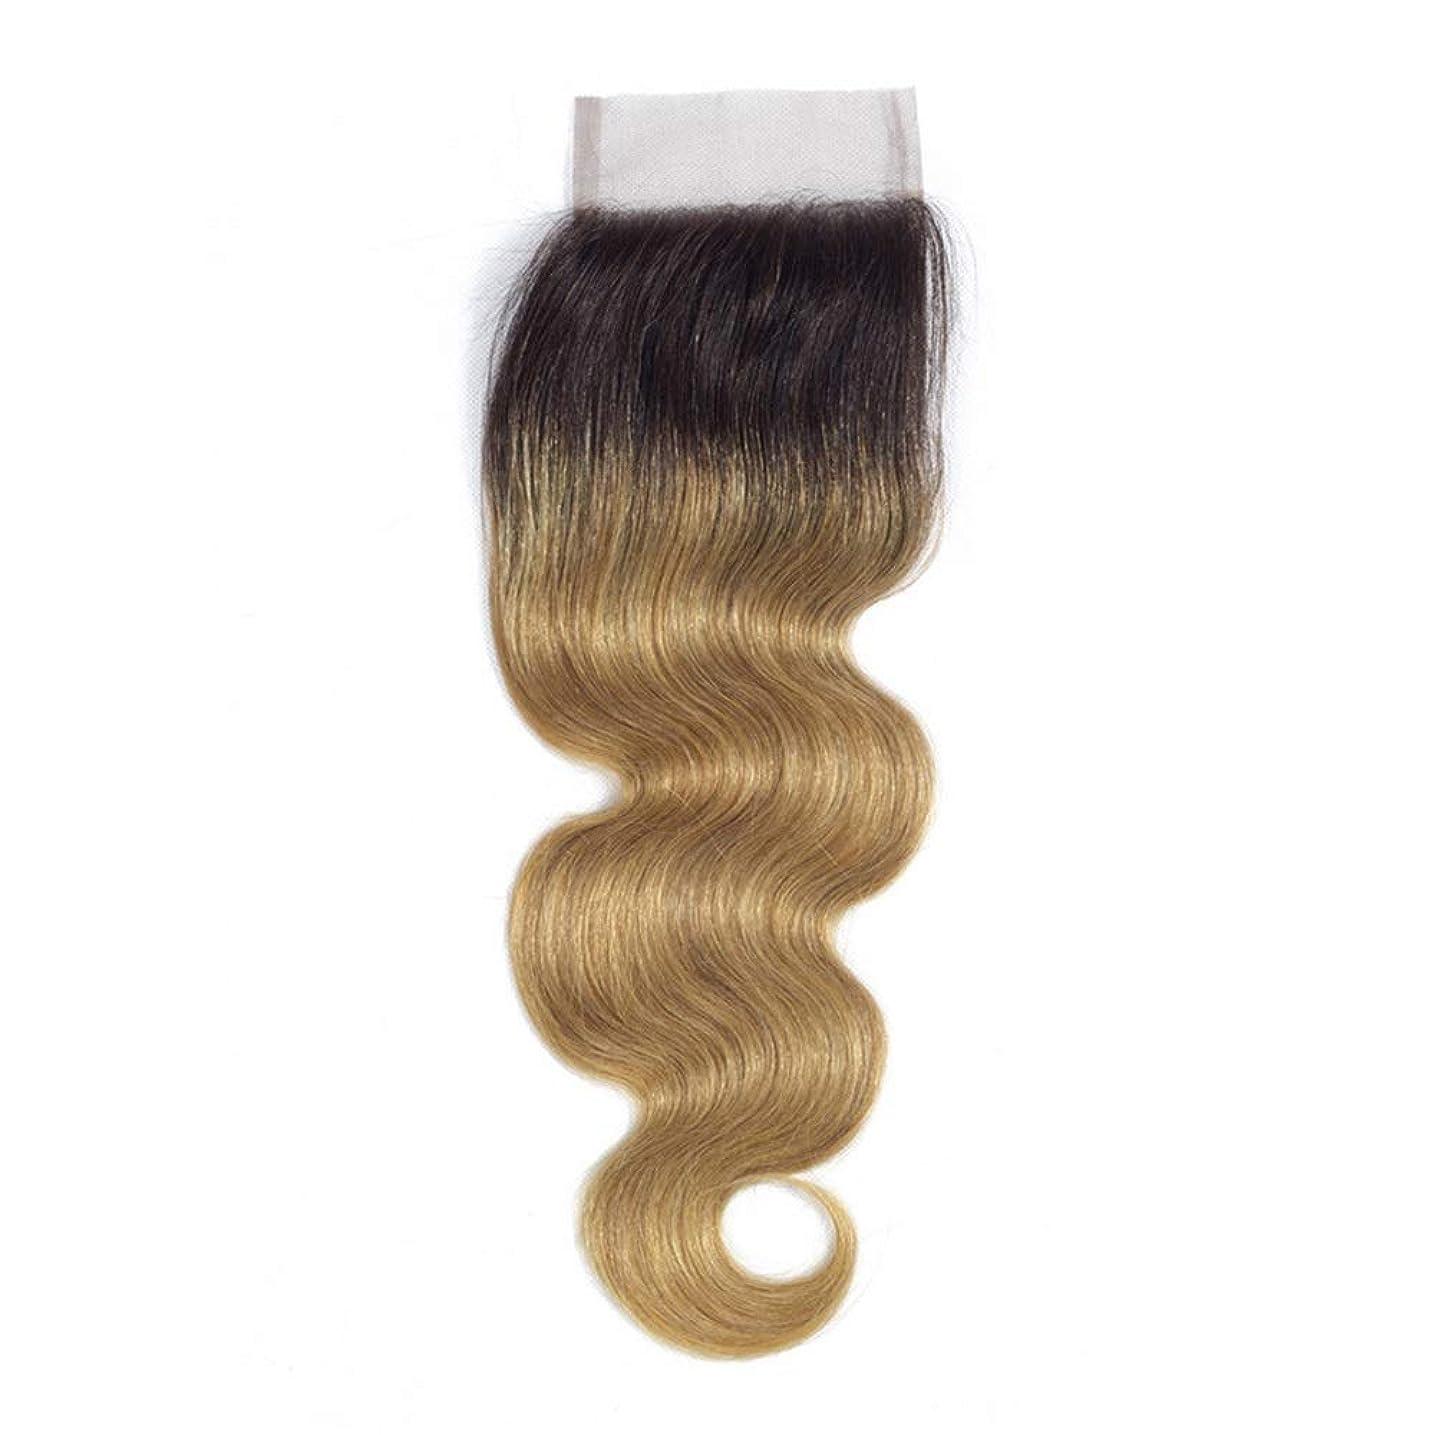 スクランブルベッドを作るスプーンHOHYLLYA 人間の髪織りバンドルナチュラルヘアエクステンション横糸 - ボディウェーブ - ナチュラルブラックカラー(1バンドル、100g)ロングカーリーウィッグ (色 : ブラウン, サイズ : 16 inch)